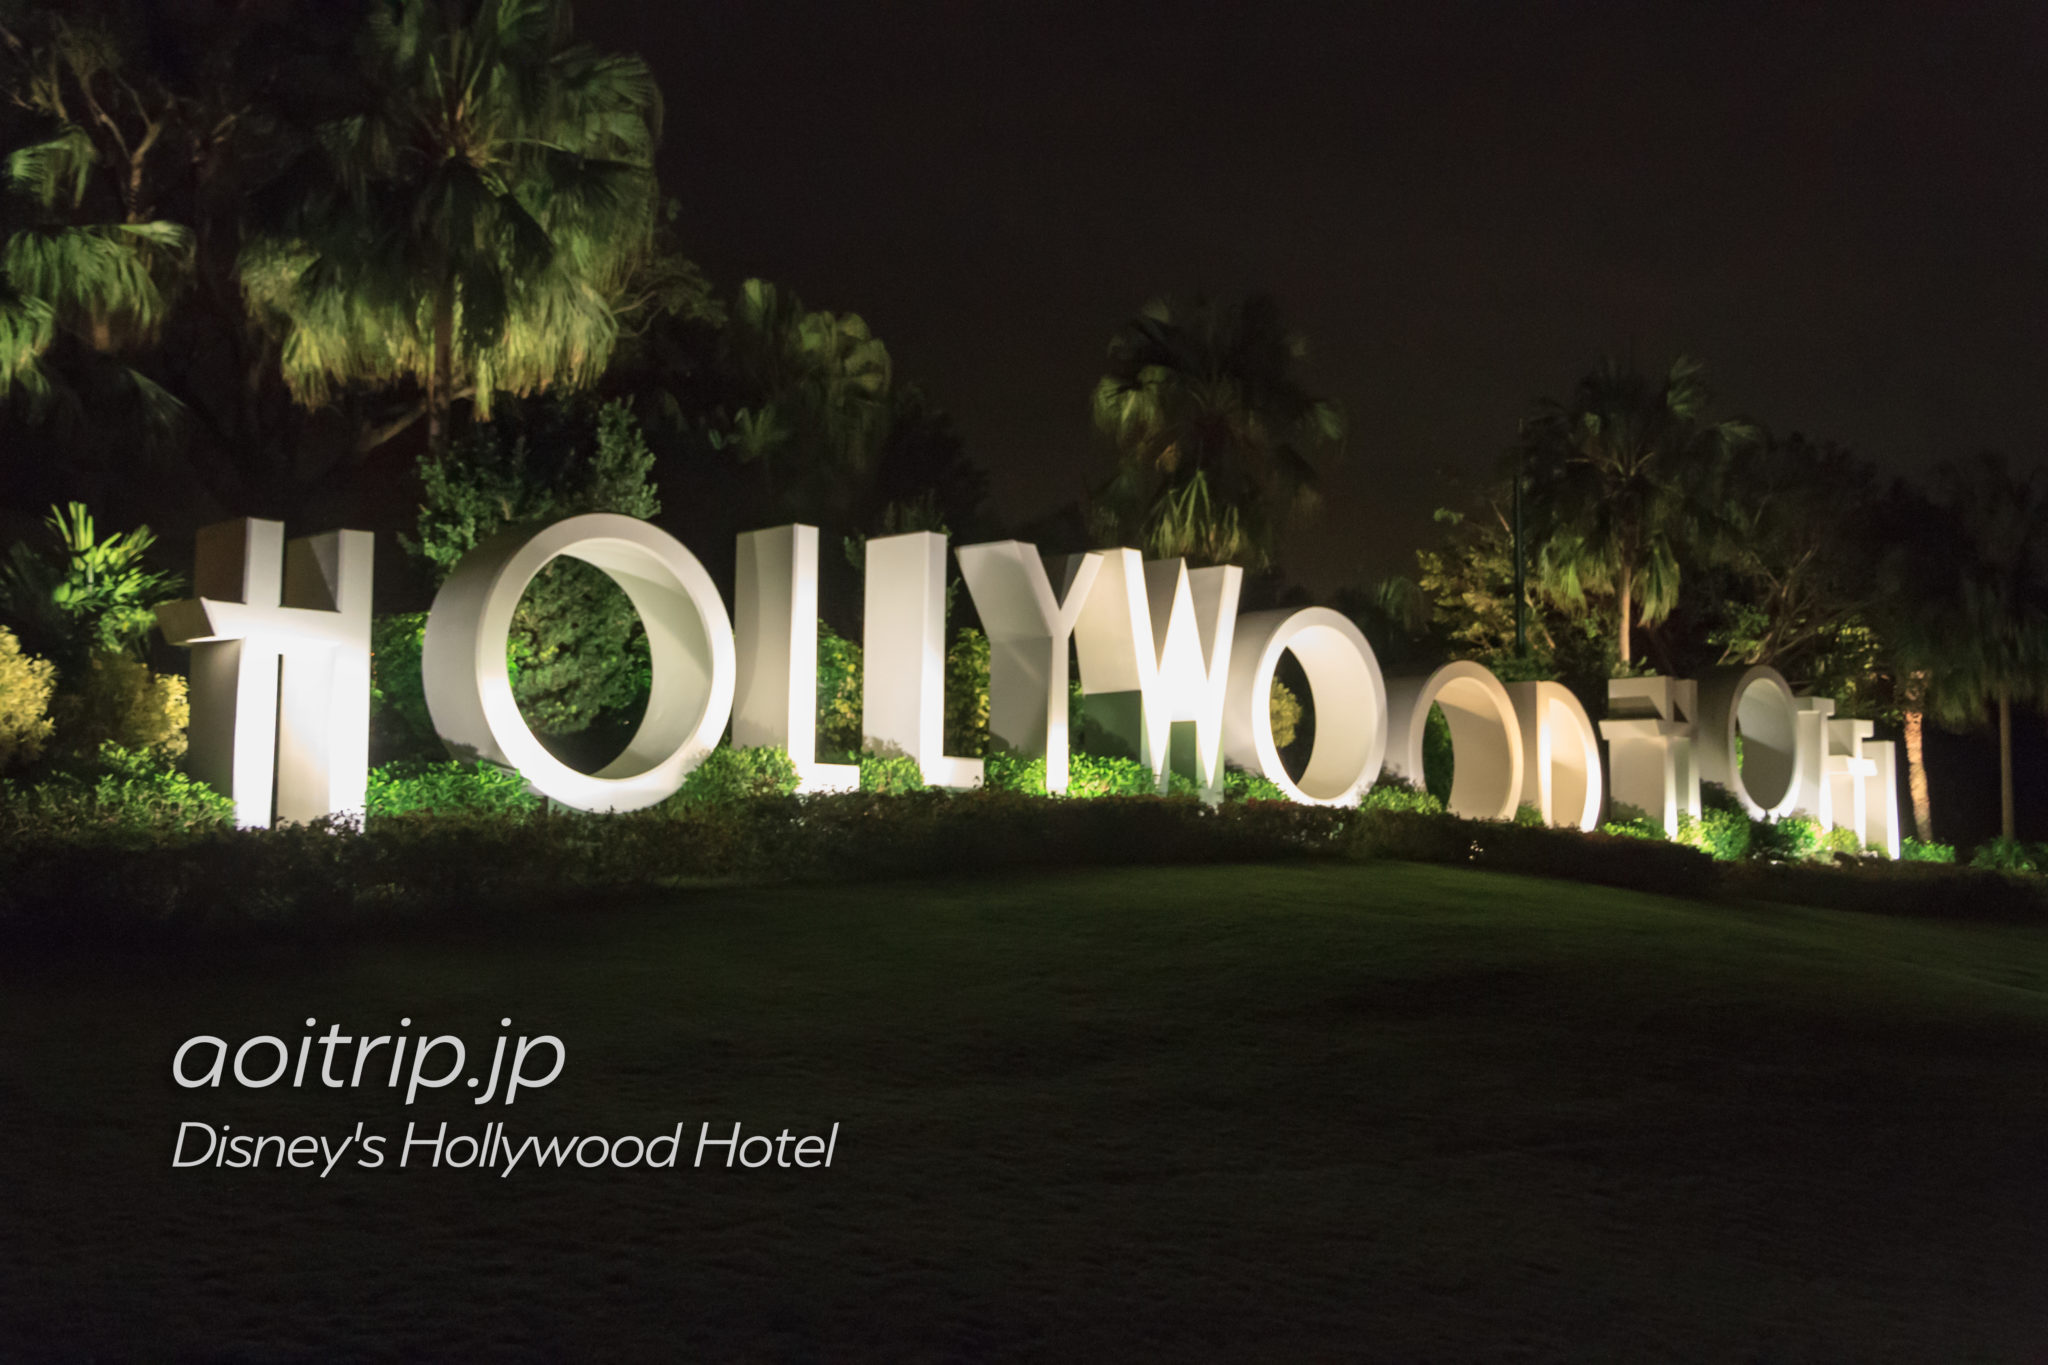 ディズニーハリウッドホテル HOLLYWOODのサイン